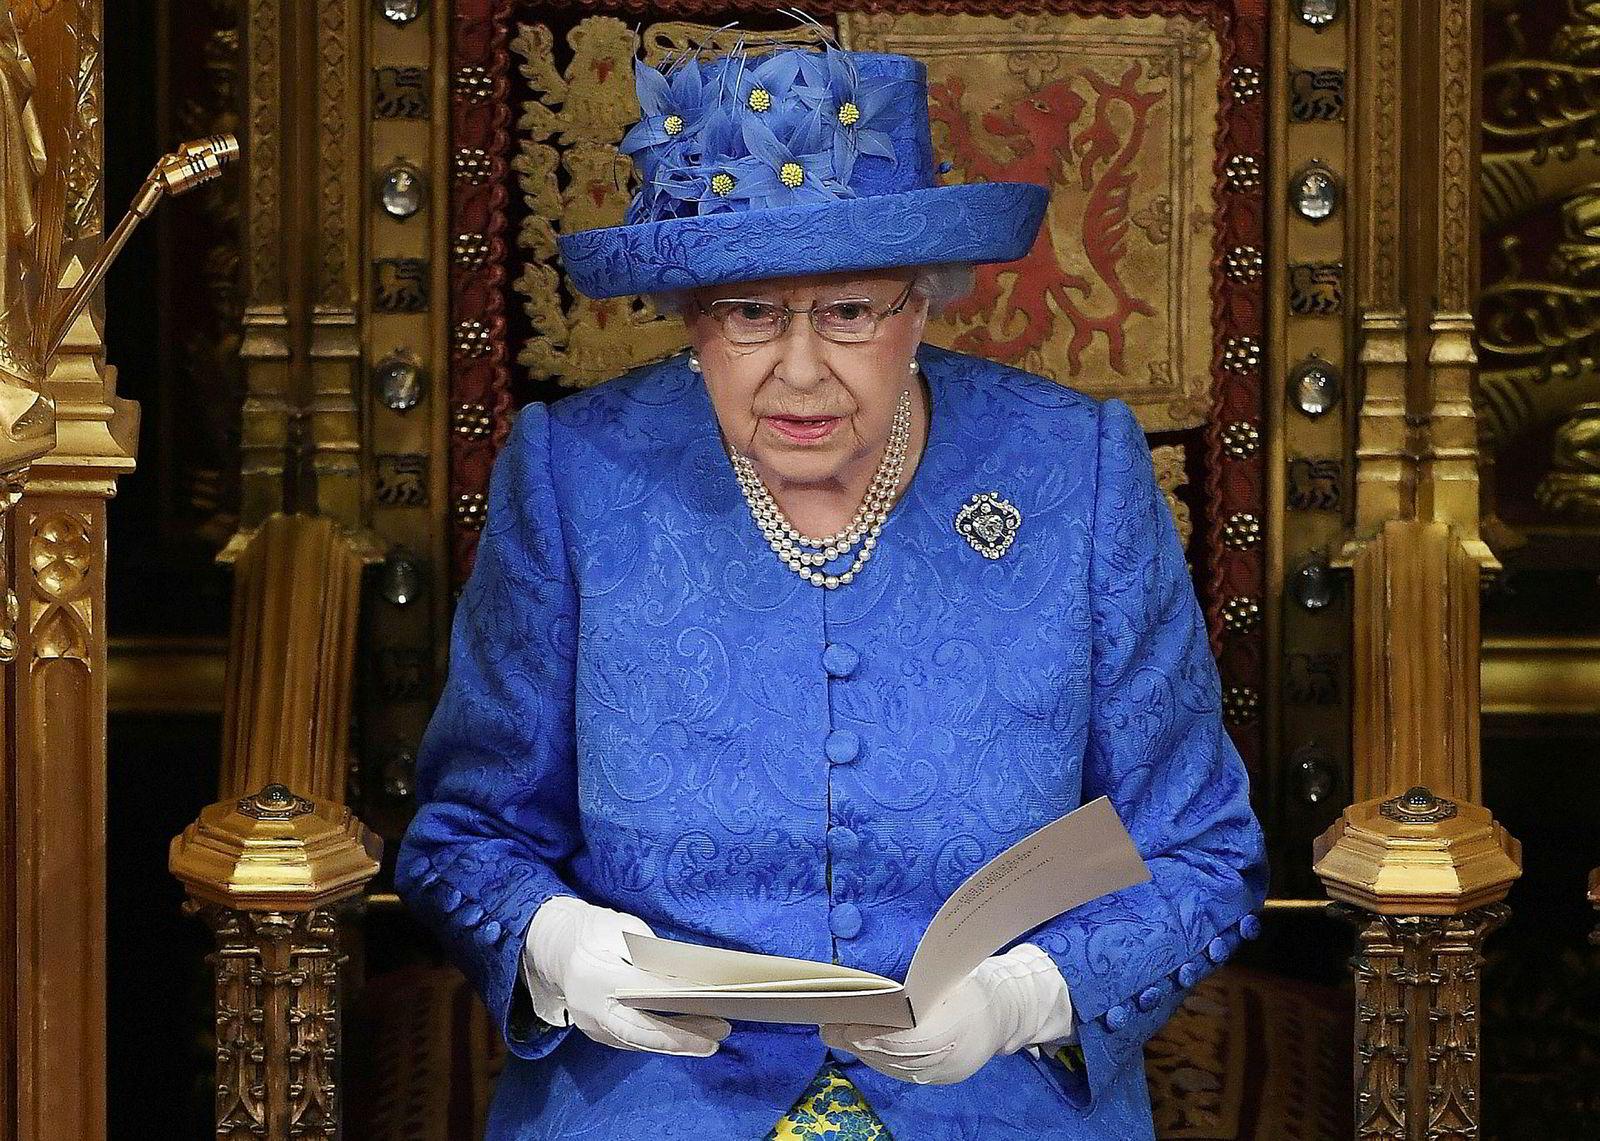 21. juni 2017: Onsdag åpnet dronning Elizabeth parlamentet. Hun forsikret befolkningen om at regjeringen vil sikre en best mulig brexit-avtale. Flere britiske medier kommenterte hattevalget. Forsøkte dronningen å sende et signal ved å ta på seg en hatt som til forveksling lignet EU-flagget?